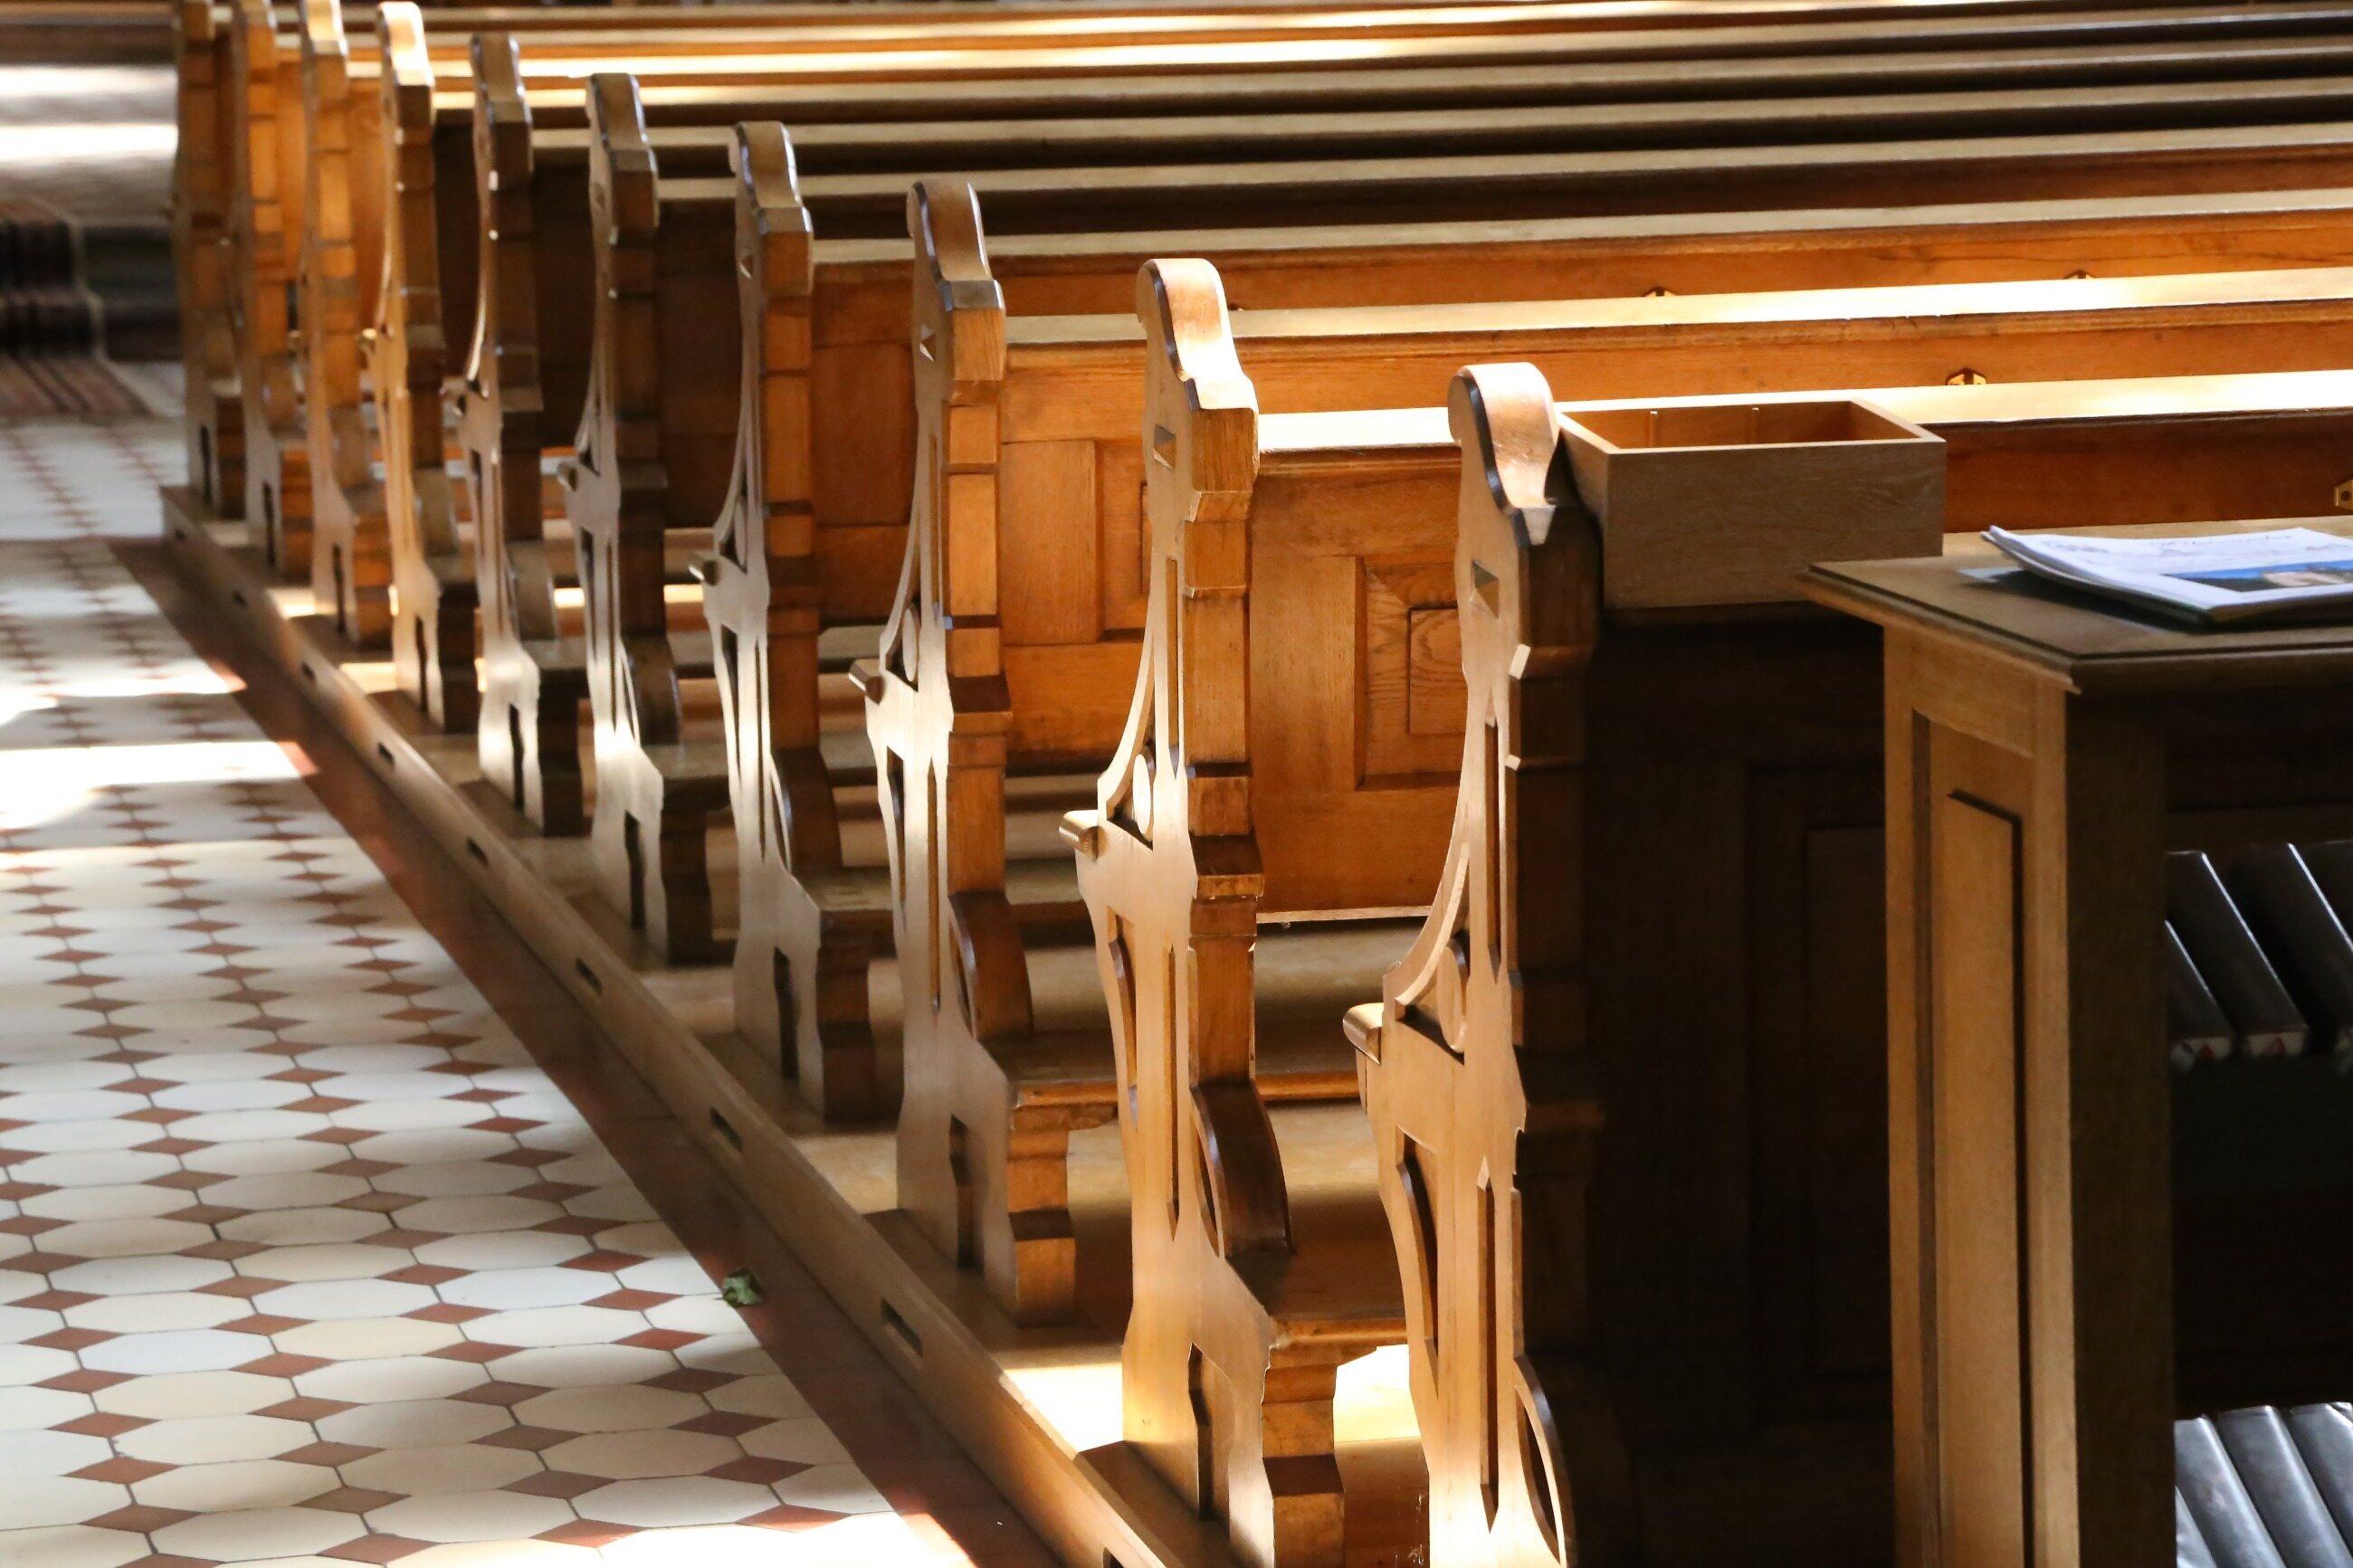 Ławy kościelne, zdjęcie ilustracyjne